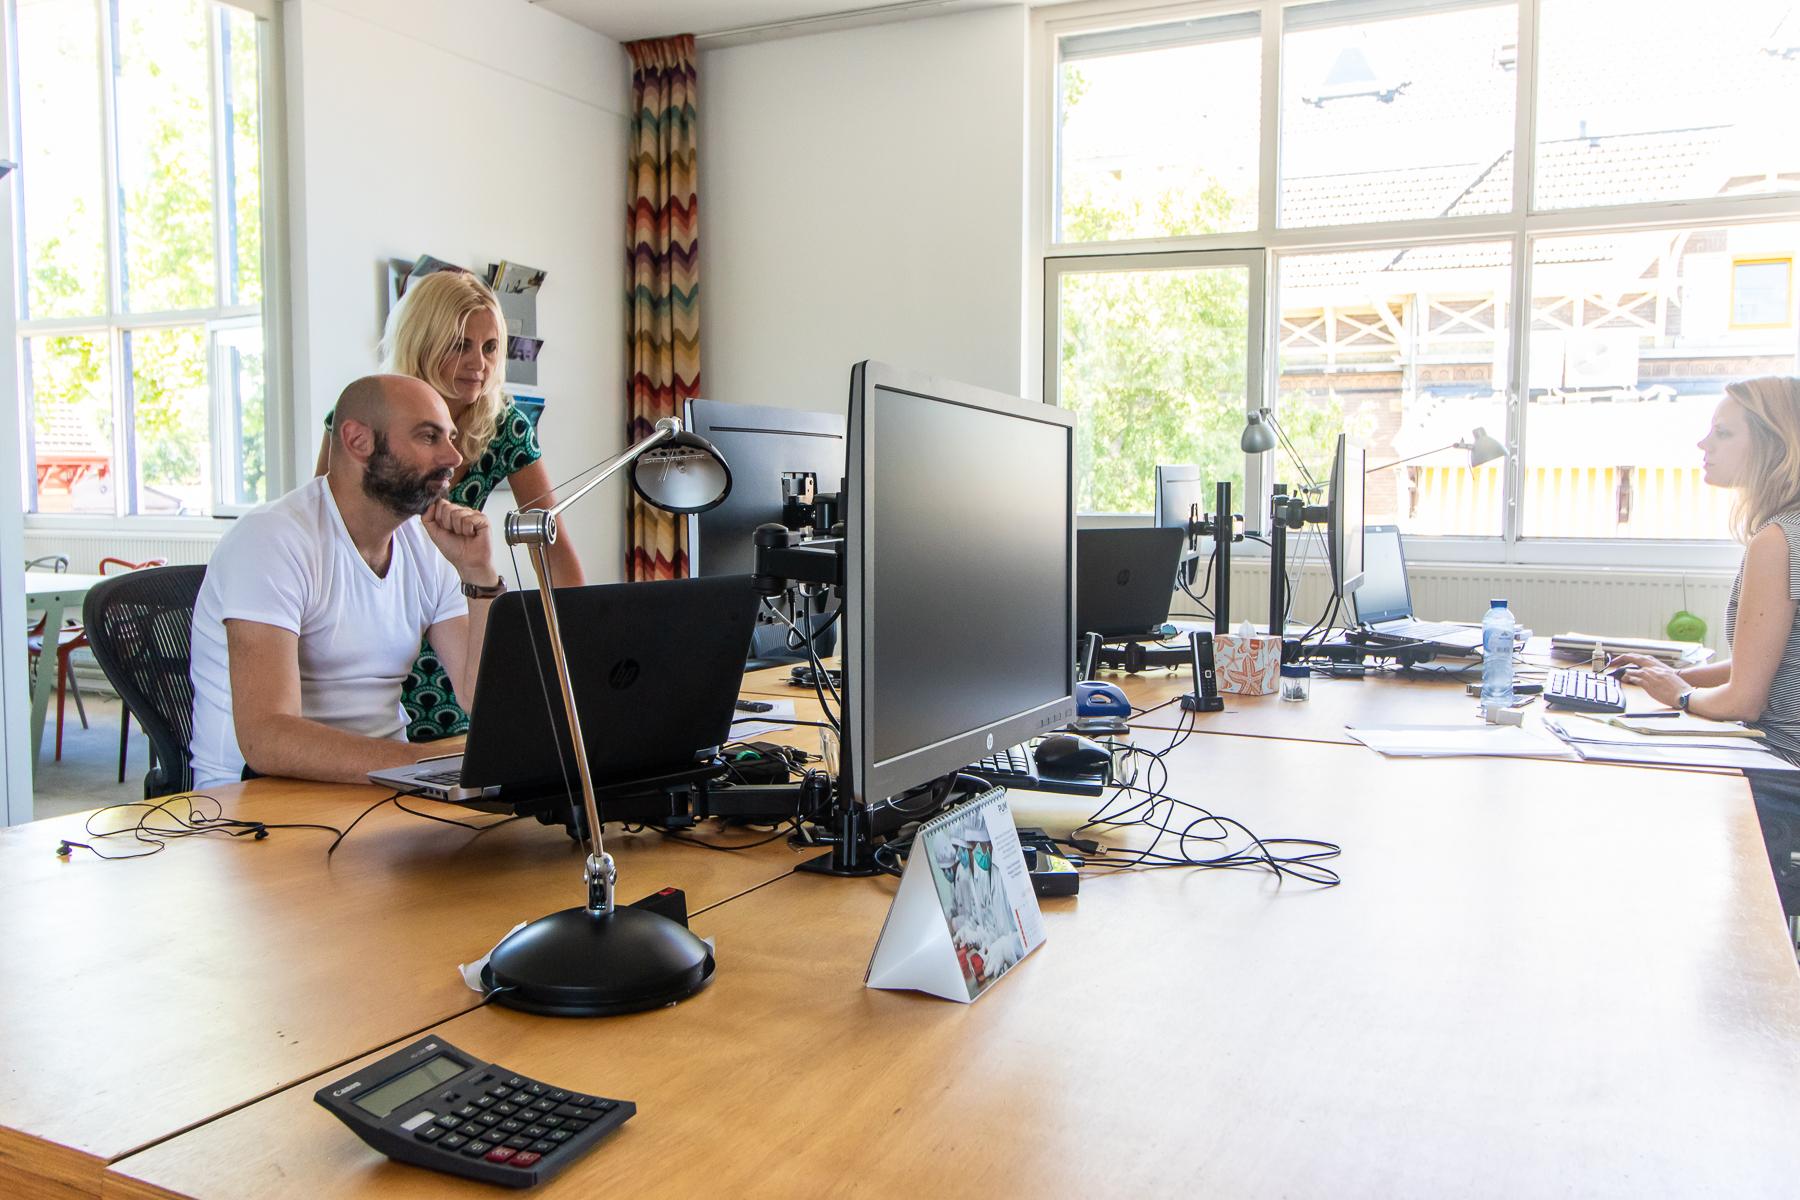 Flex desks available